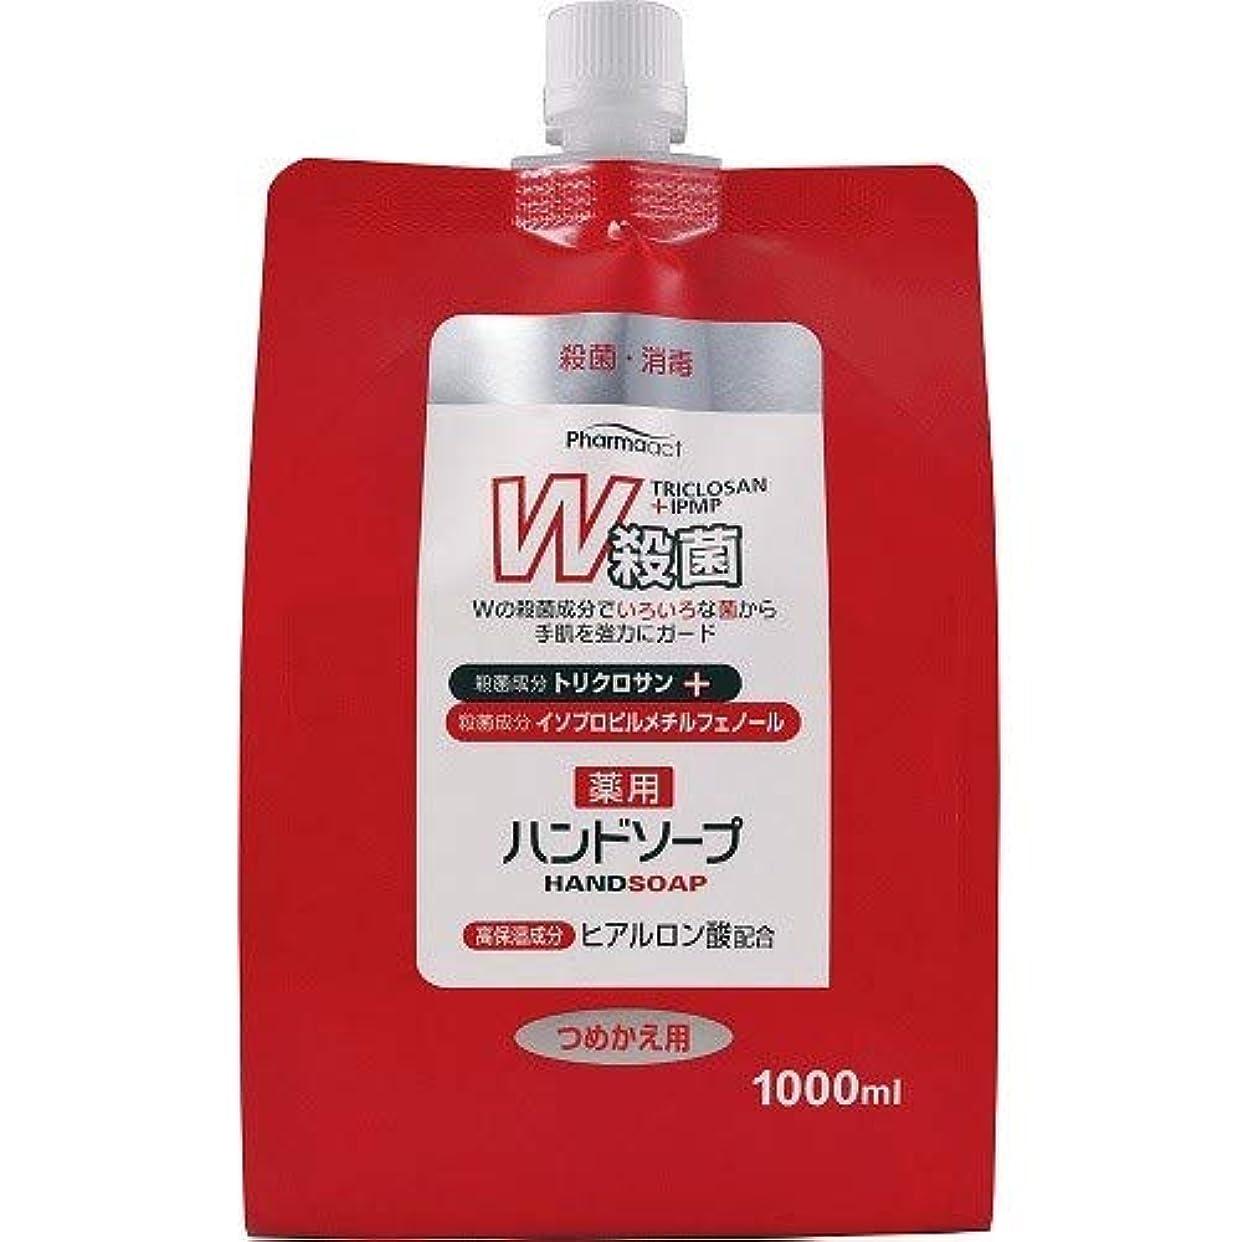 フレット季節約ファーマアクト W殺菌薬用ハンドソープ スパウト付き詰替 1000ml